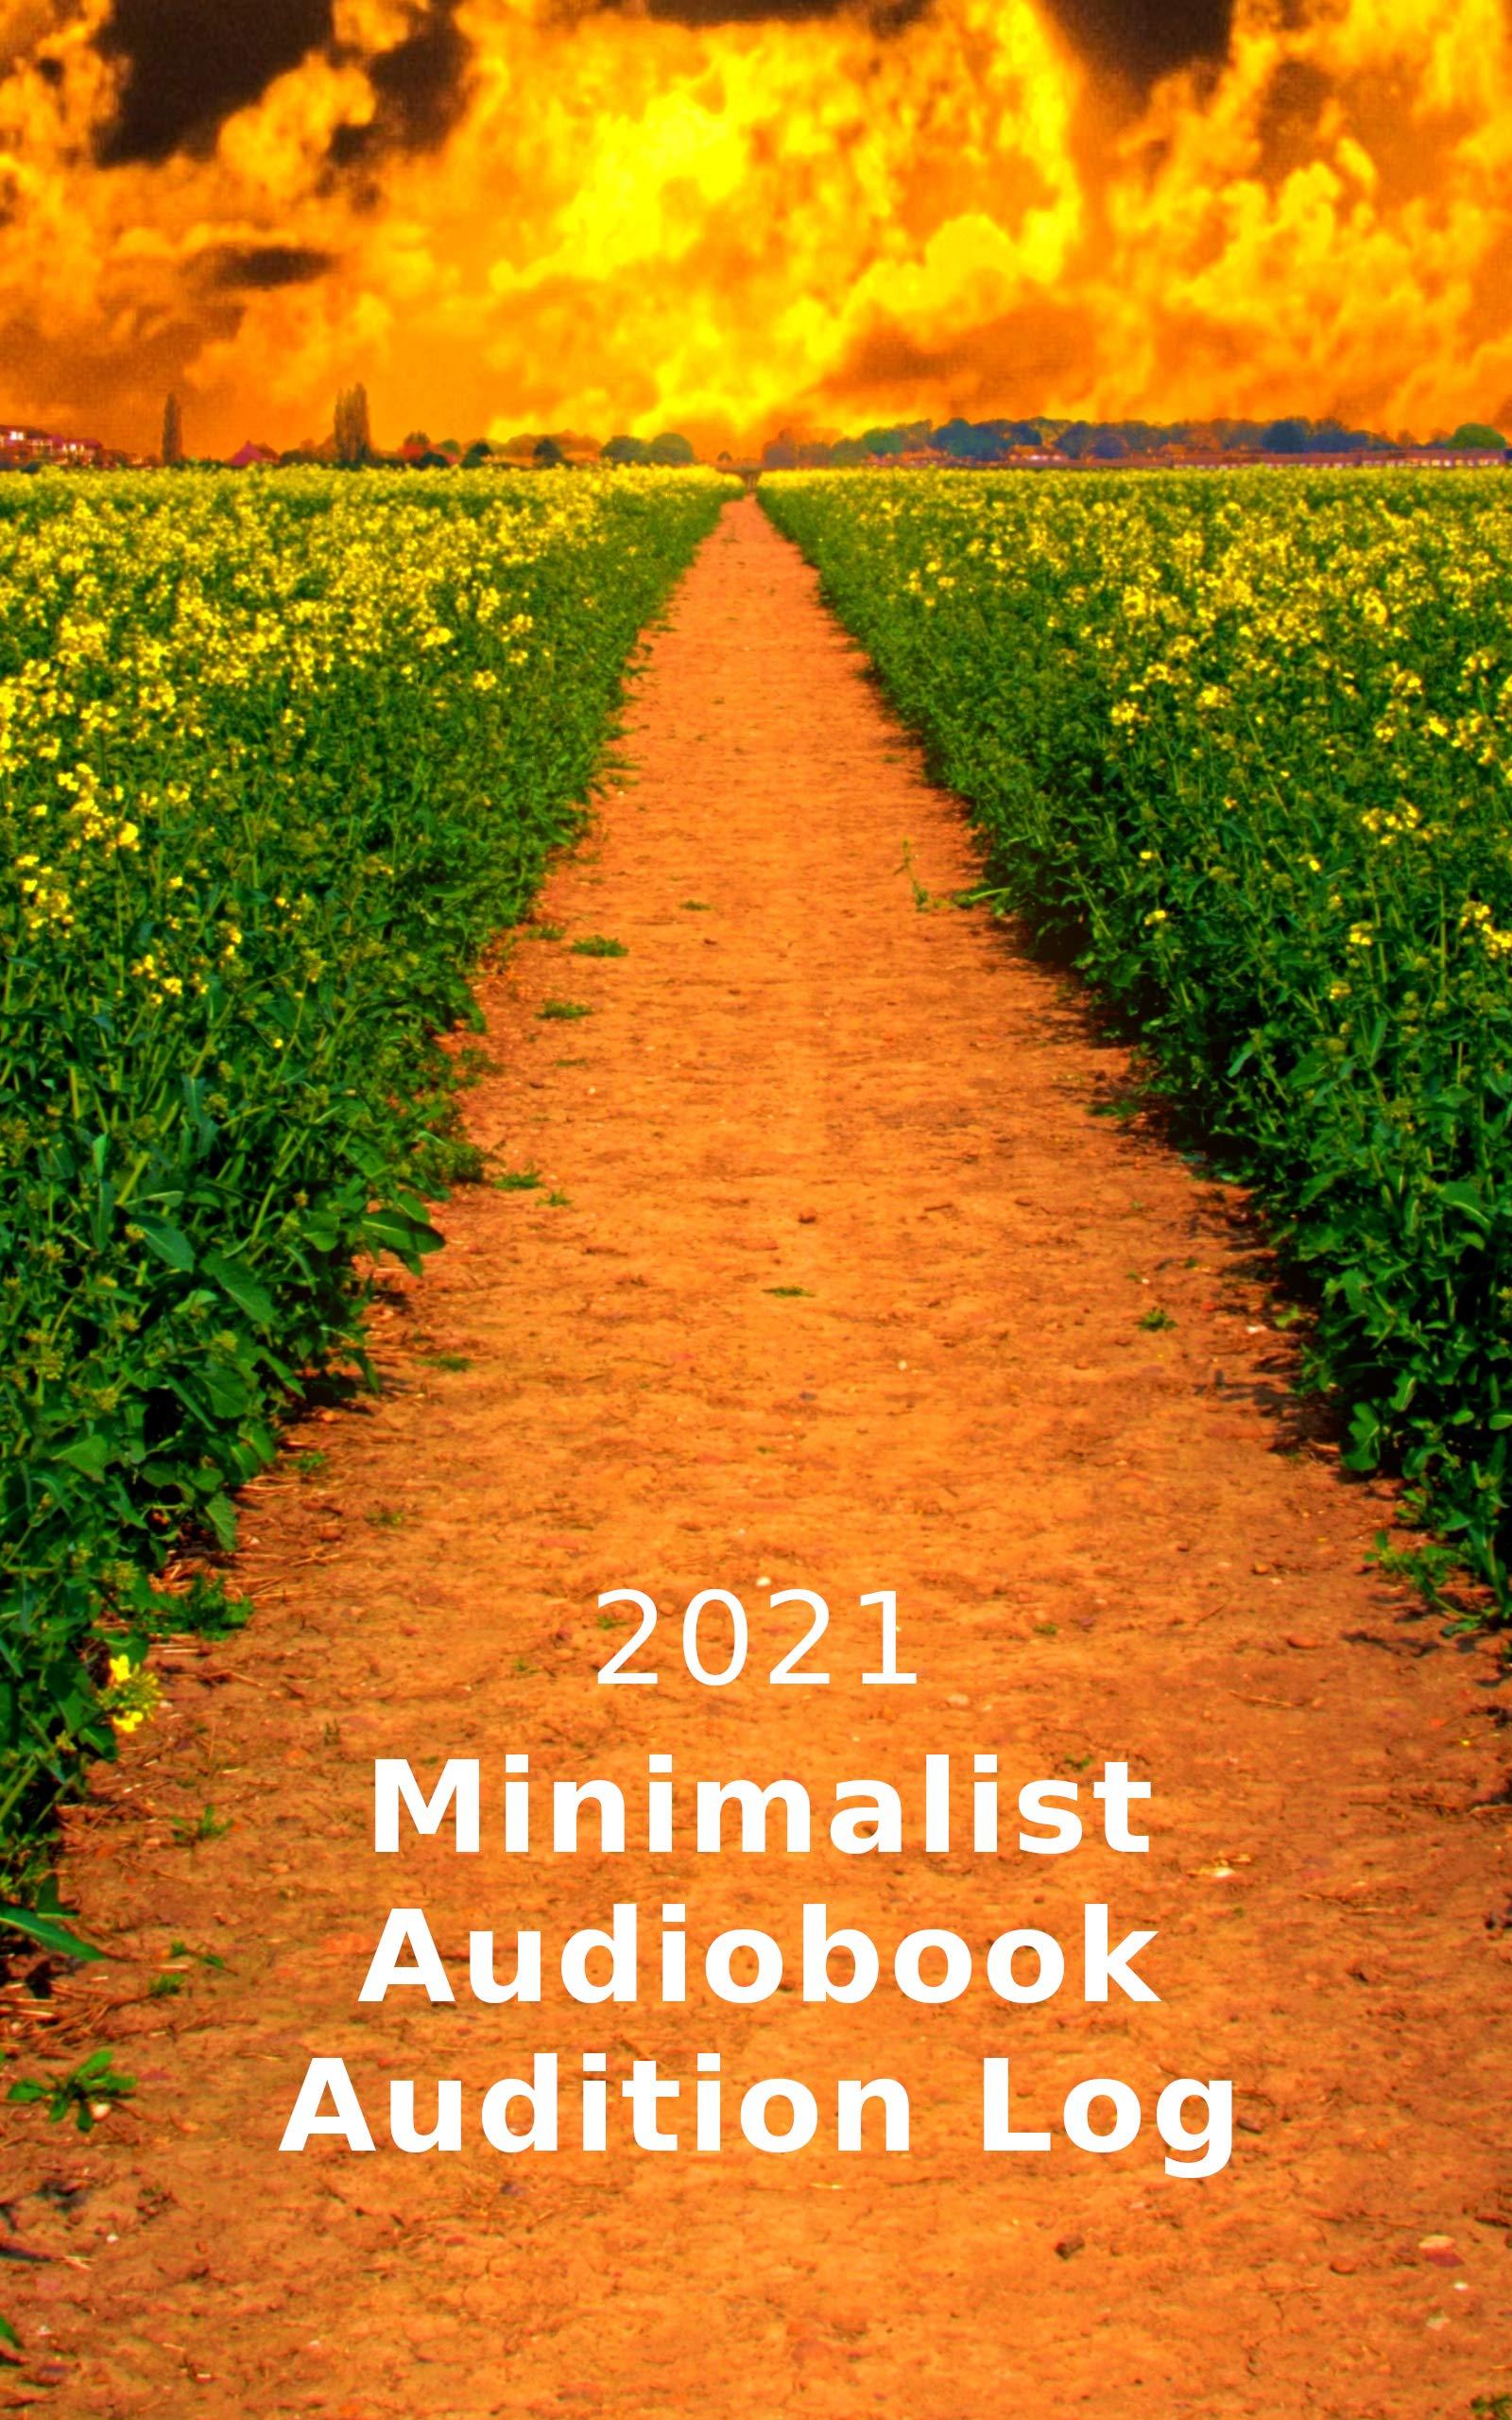 2021 Minimalist Audiobook Audition Log